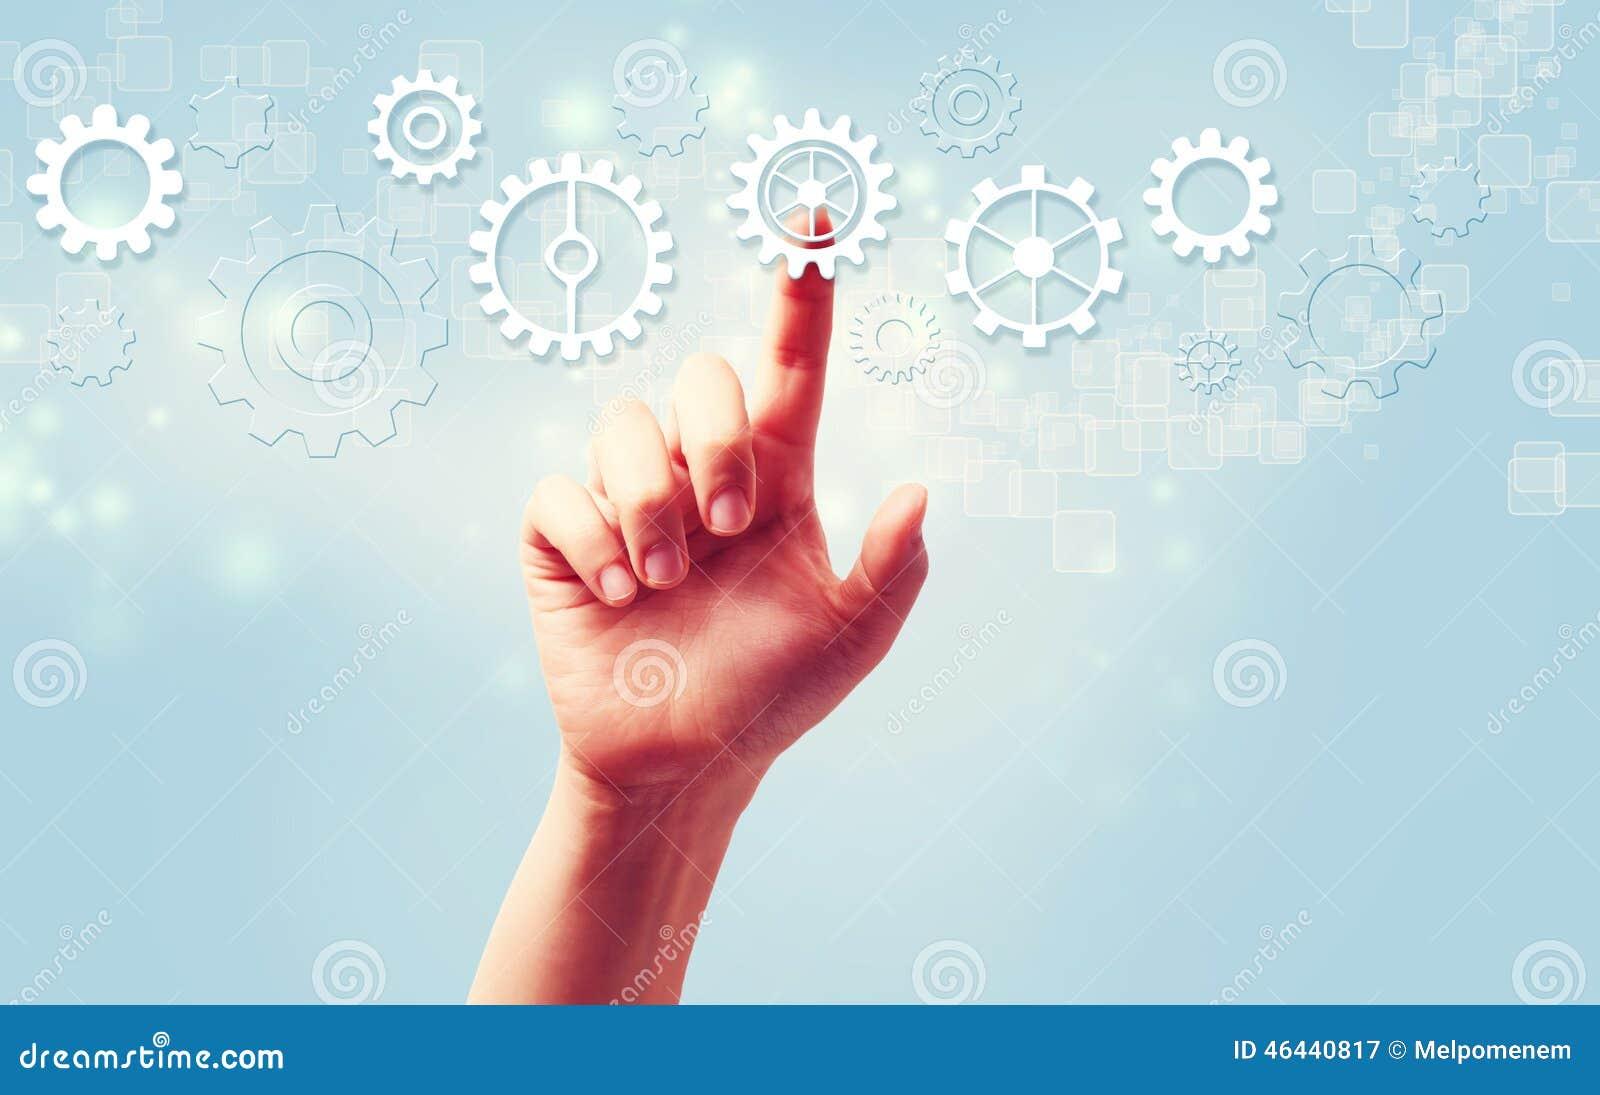 Ícones da engrenagem da pressão de mão